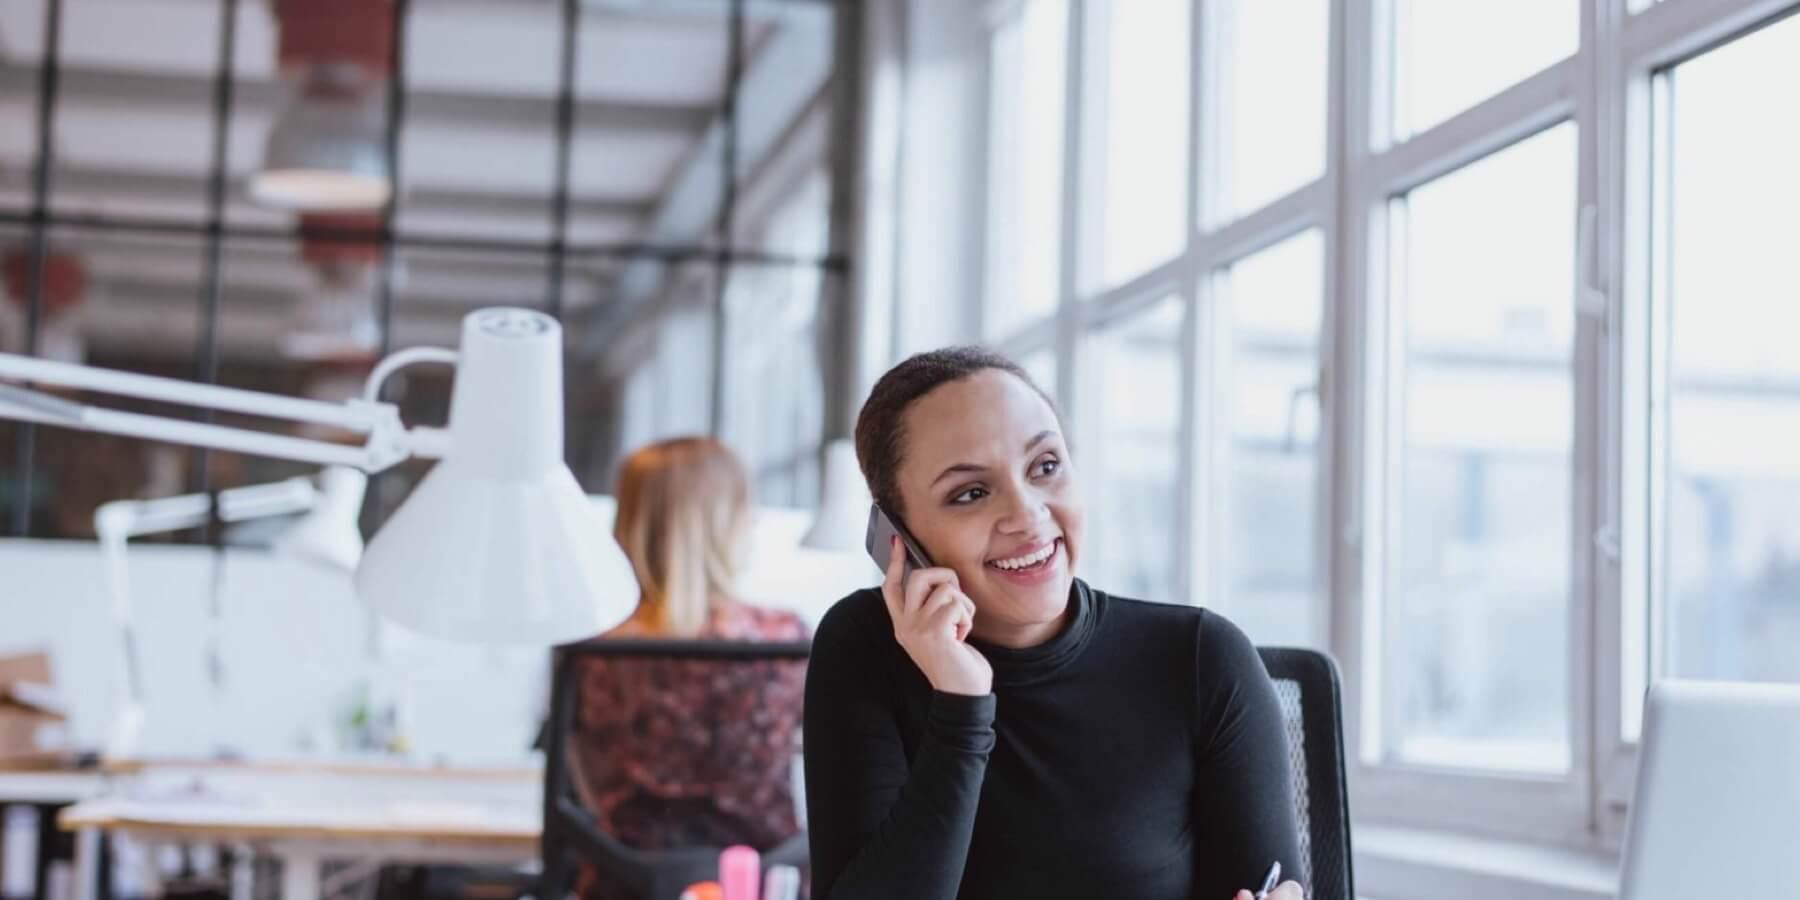 EmployeesWantBetterPhoneSystem